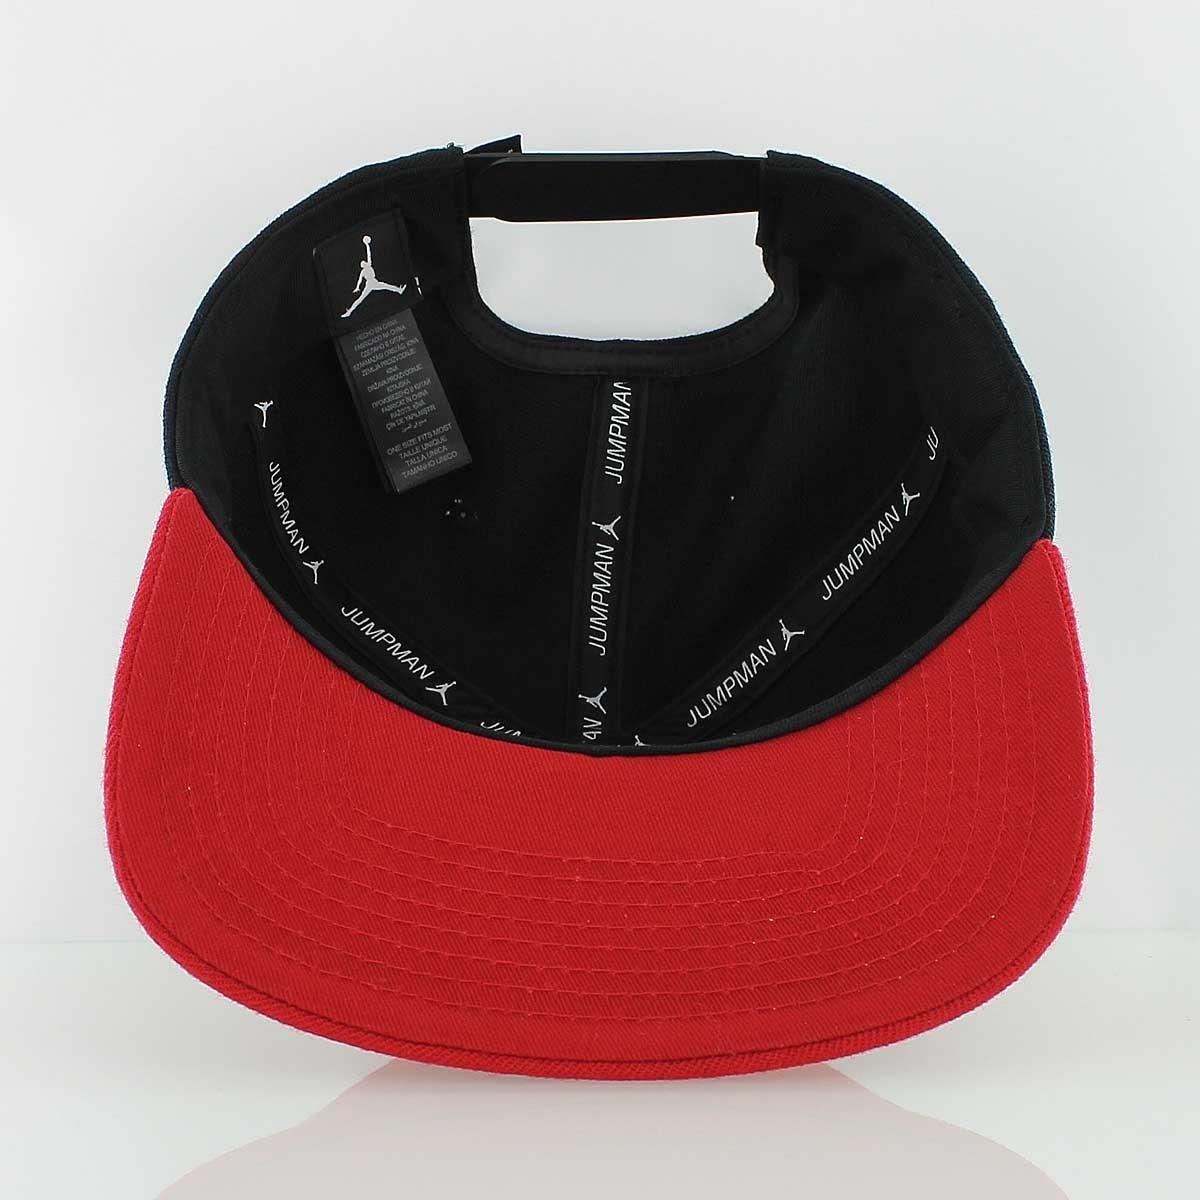 33c31b4684b87 ... order bone air jordan jumpman snapback hat nike original red black.  carregando zoom. 728d9